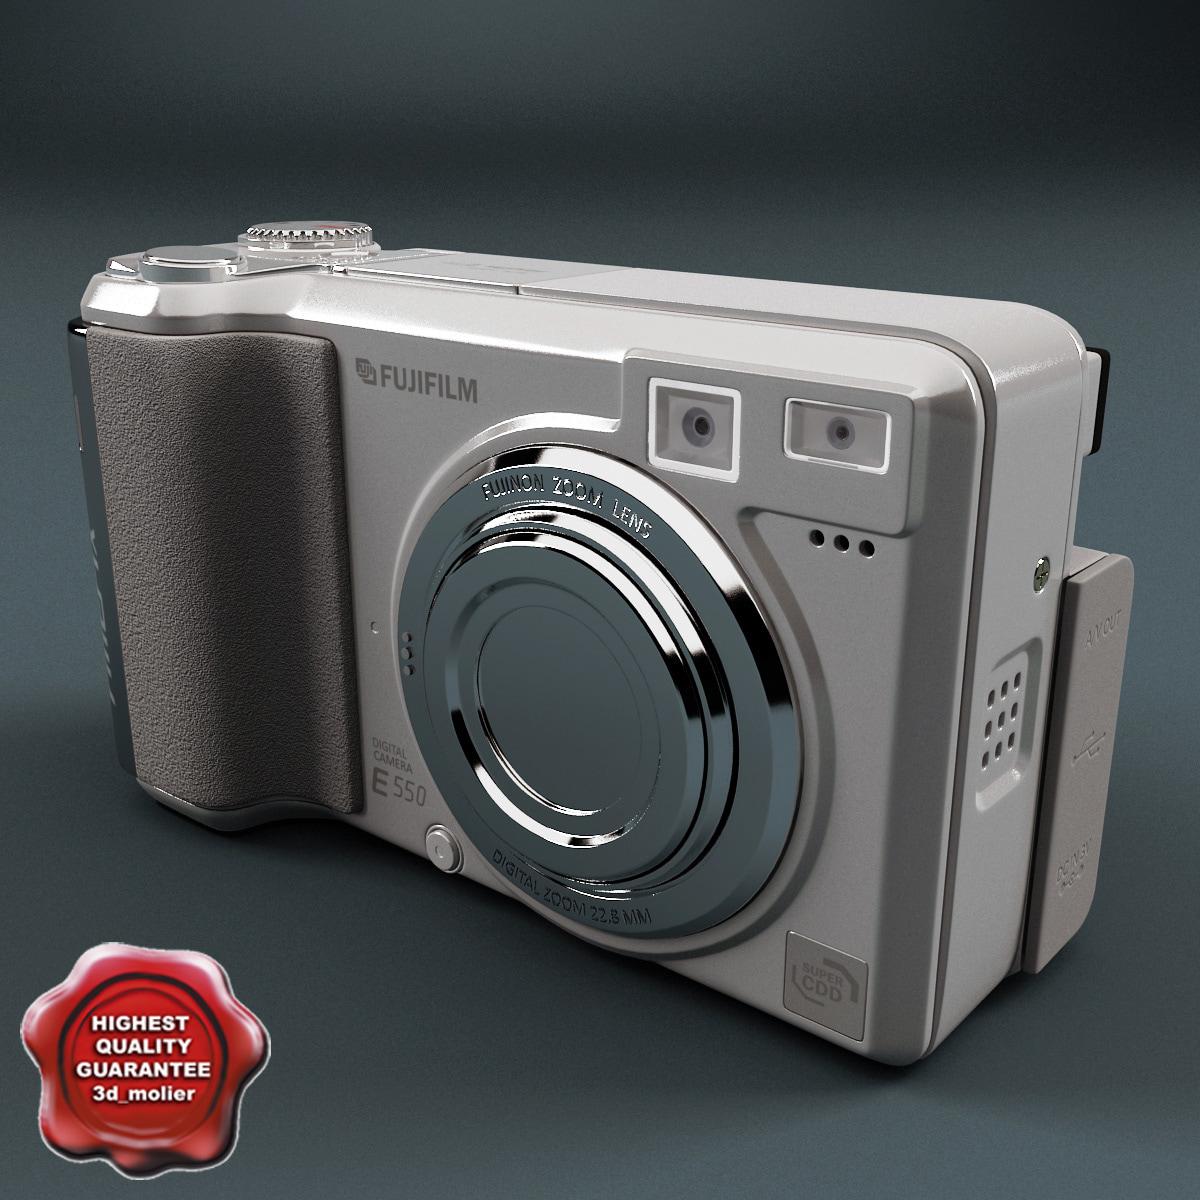 Fujifilm_Finepix_E550_00.jpg